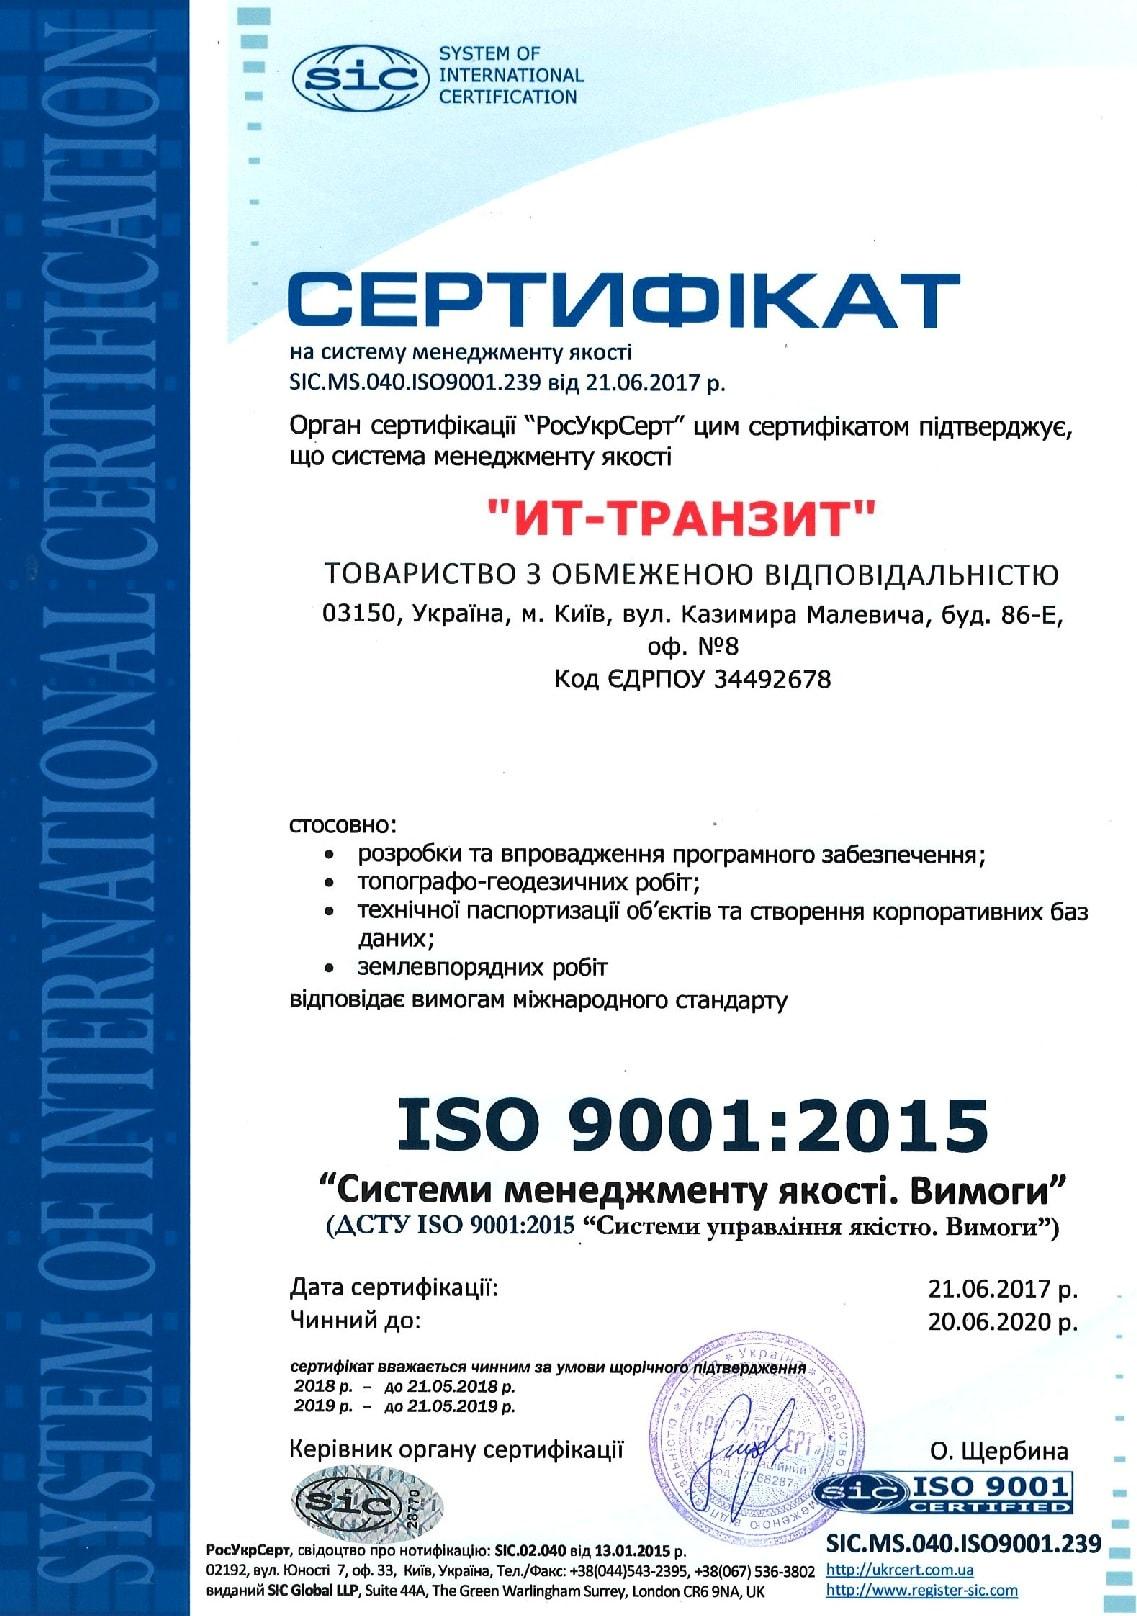 Сертифікат міжнародного стандарту ISO 9001:2015